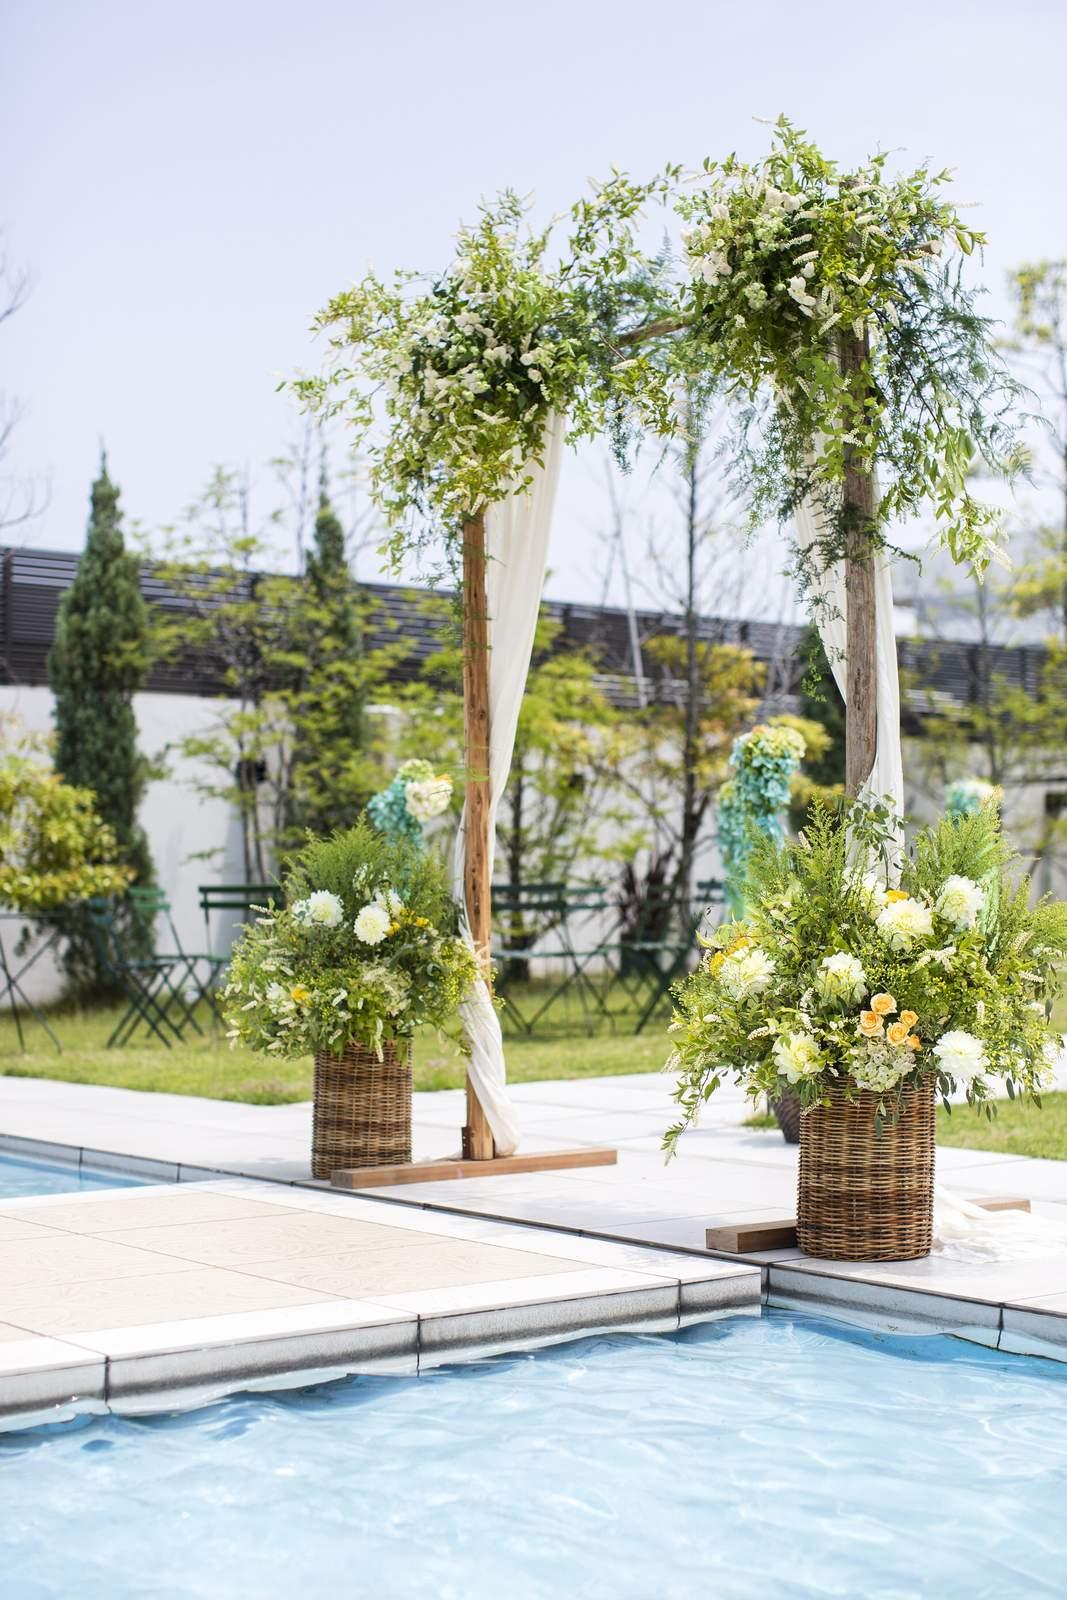 香川県の人気の結婚式場のシェルエメール&アイスタイルのガーデン人前式